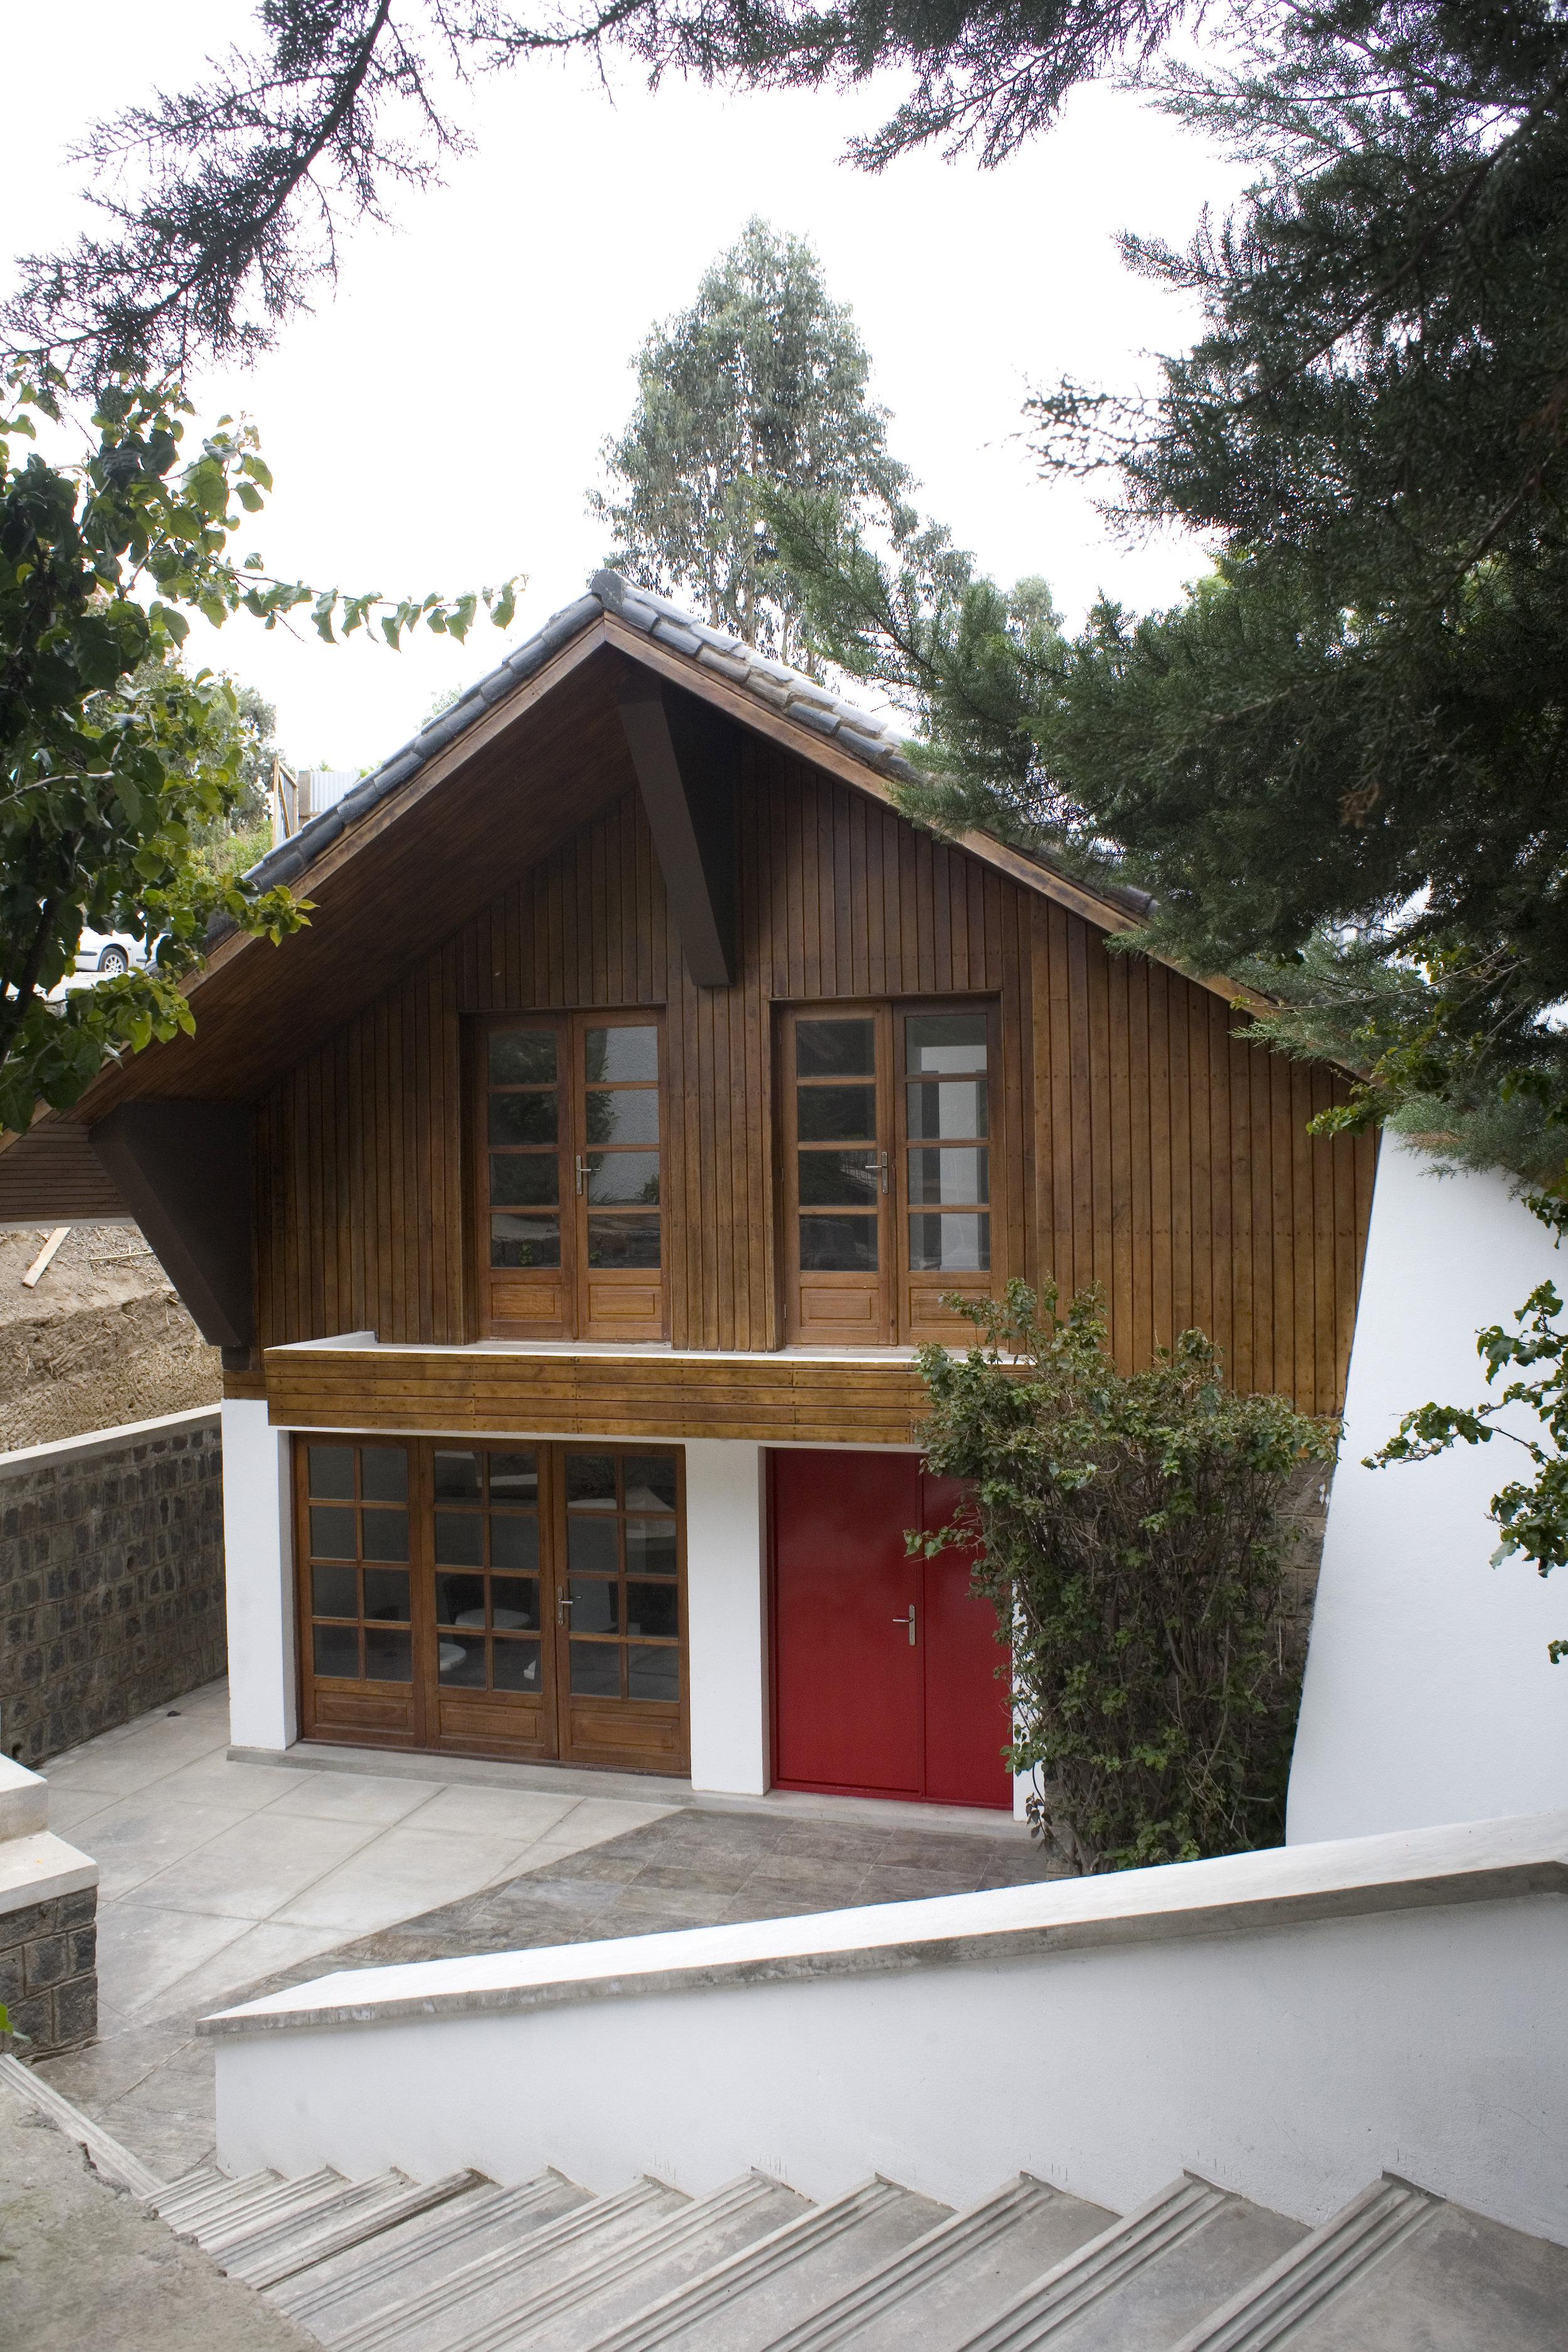 fachada principal 2 (despues).jpg